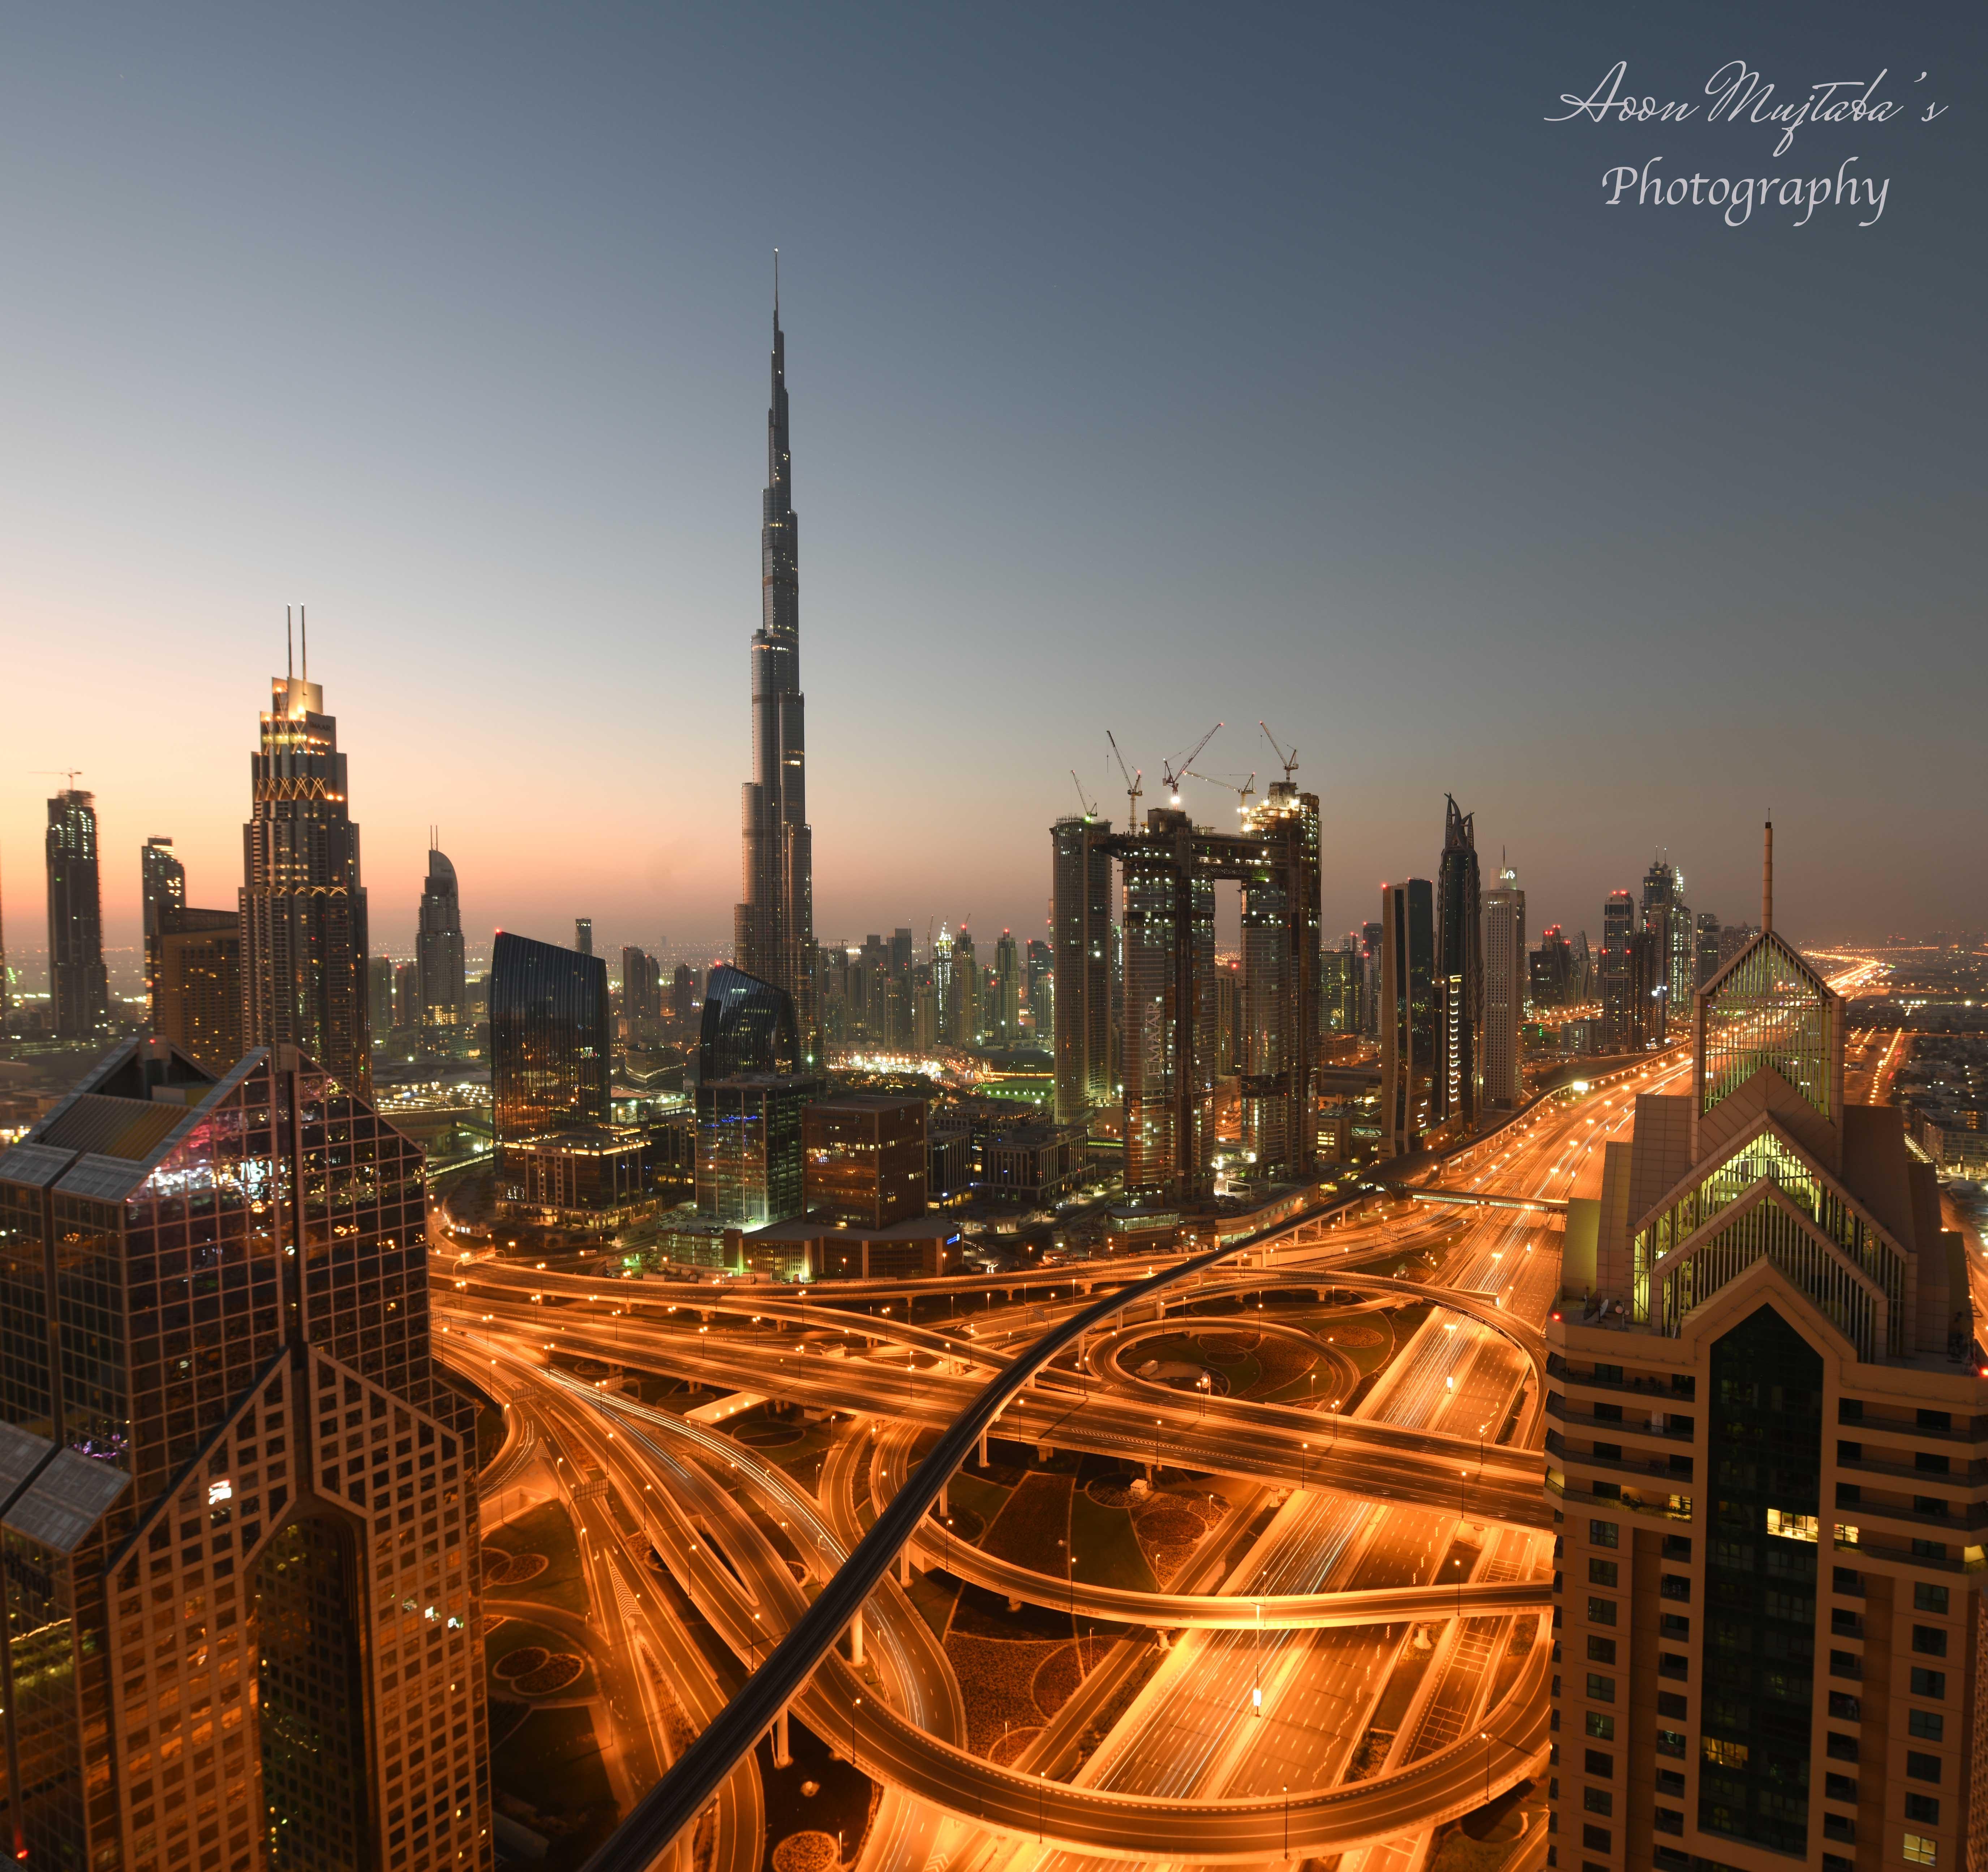 Burj khalifa a